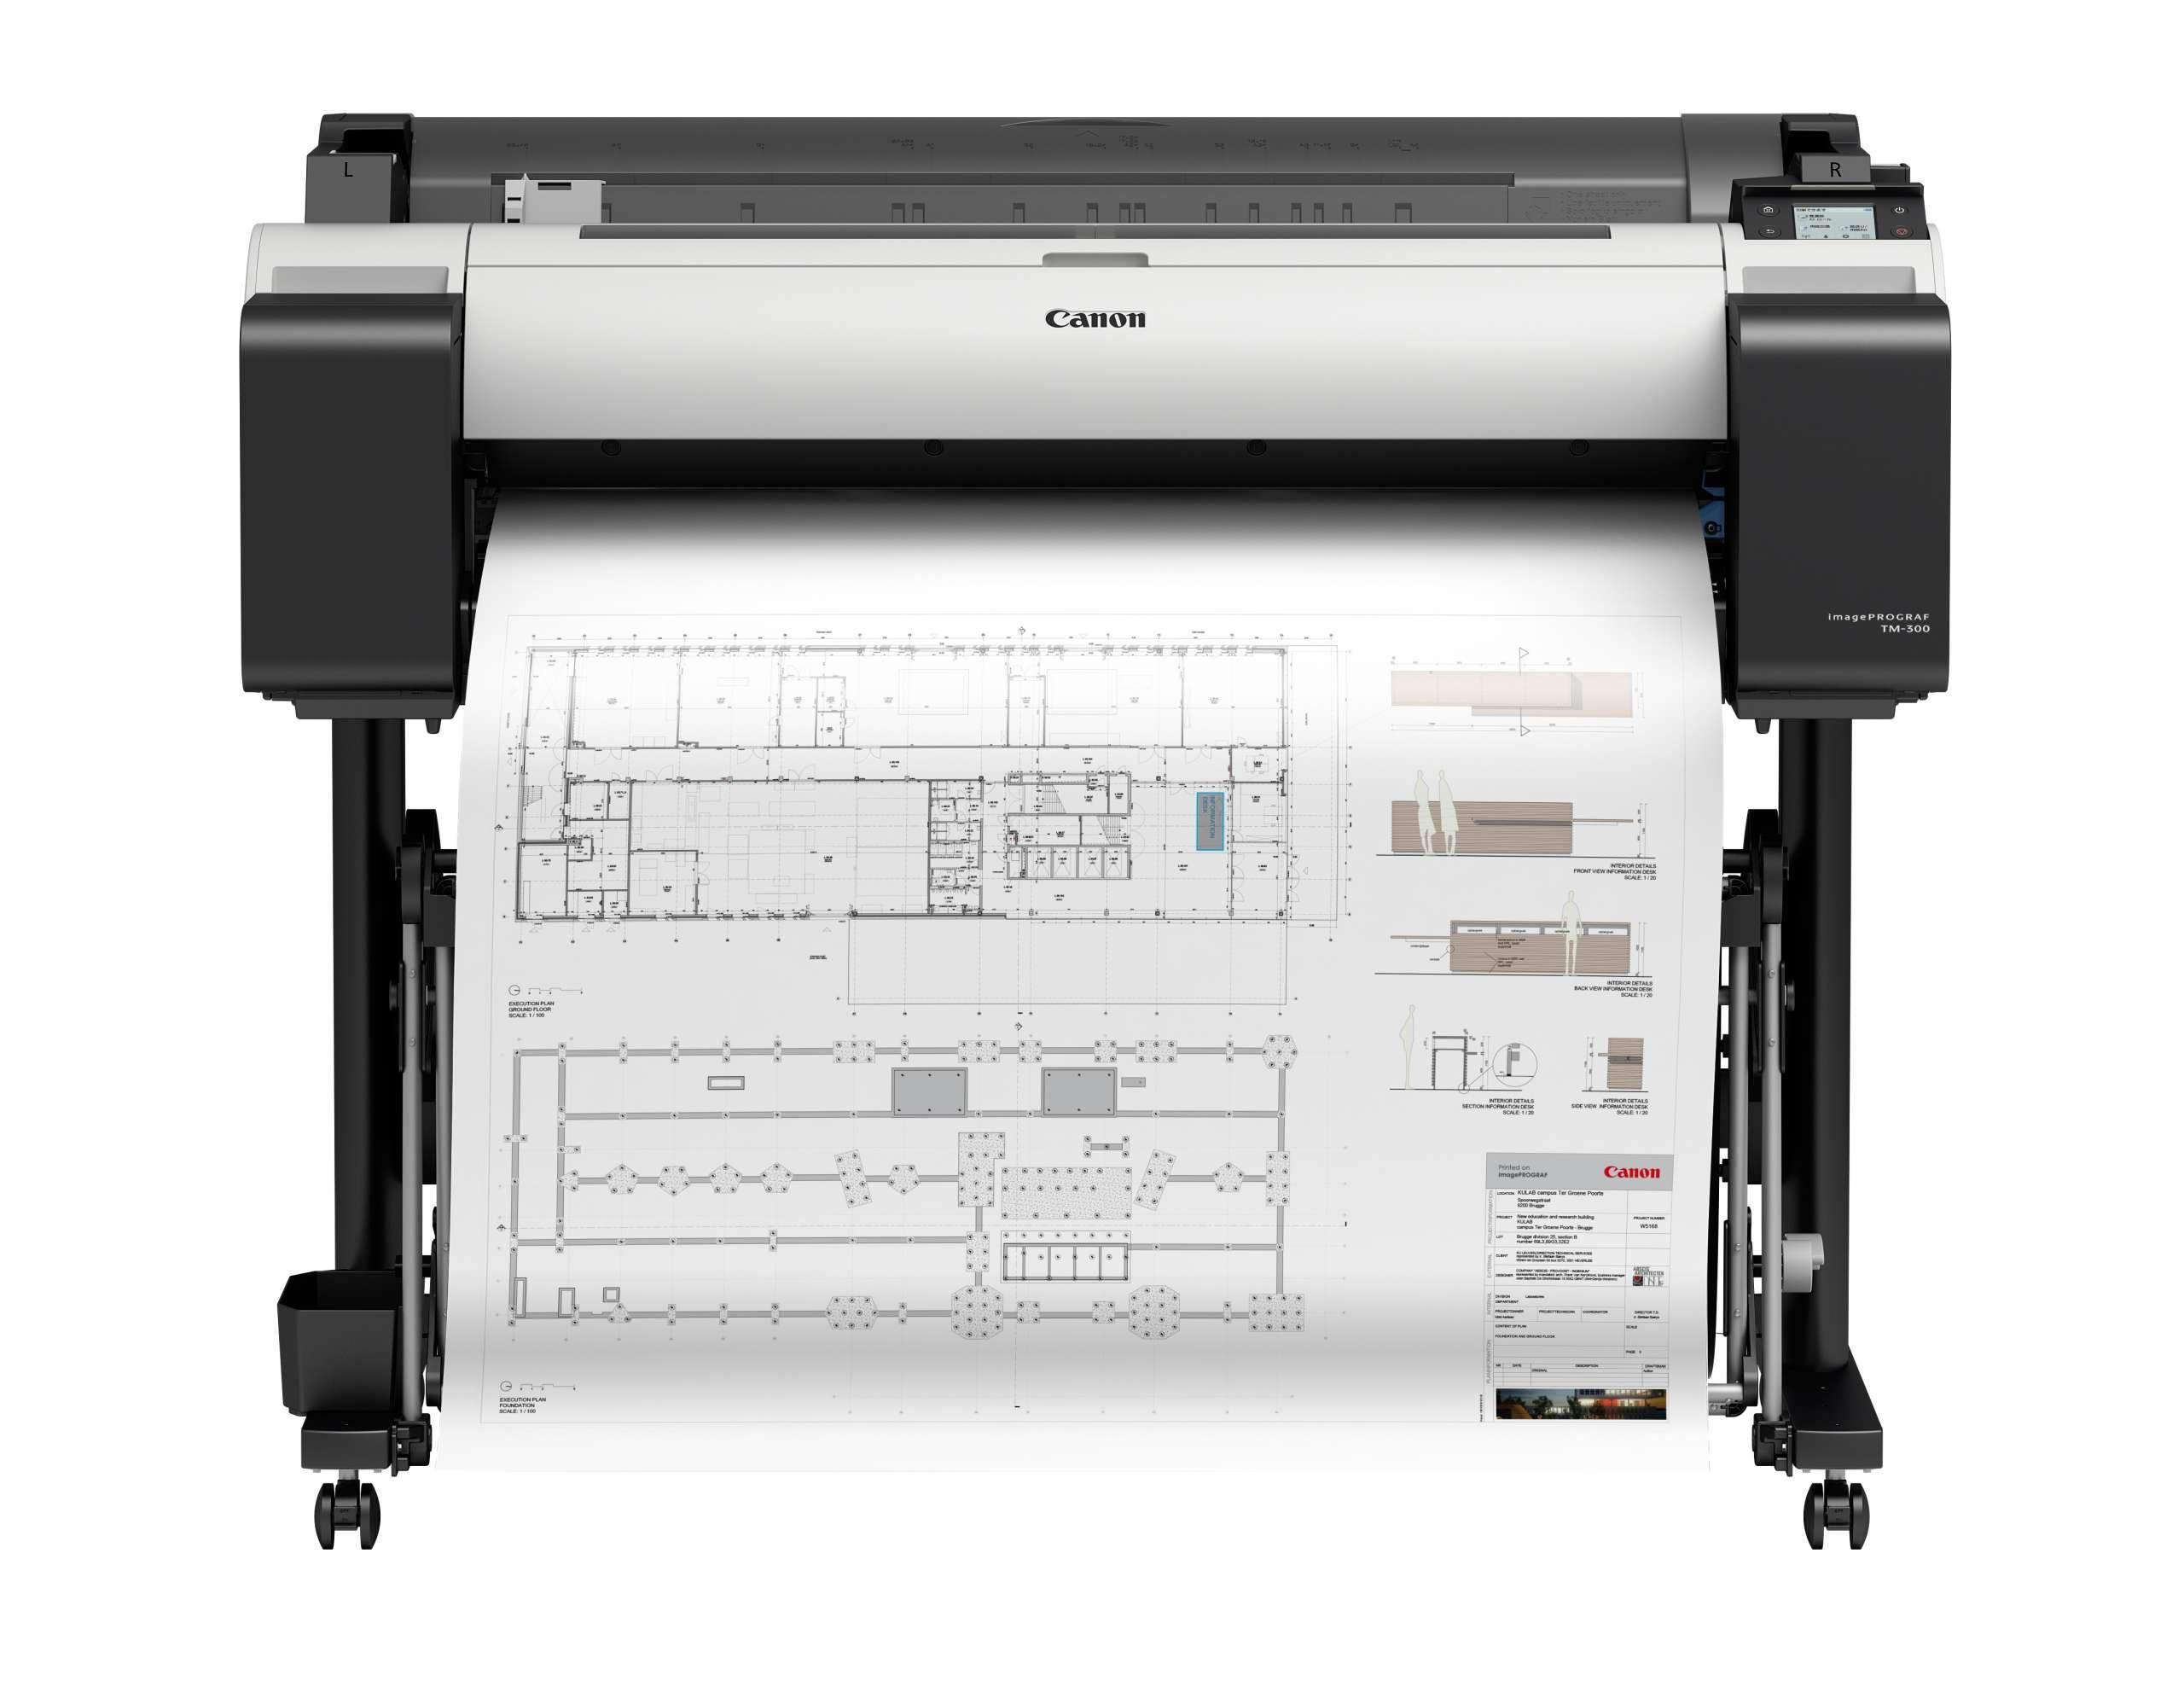 Bildmaterial TM 300 paper CAD 01 DE 1280x1280 2x